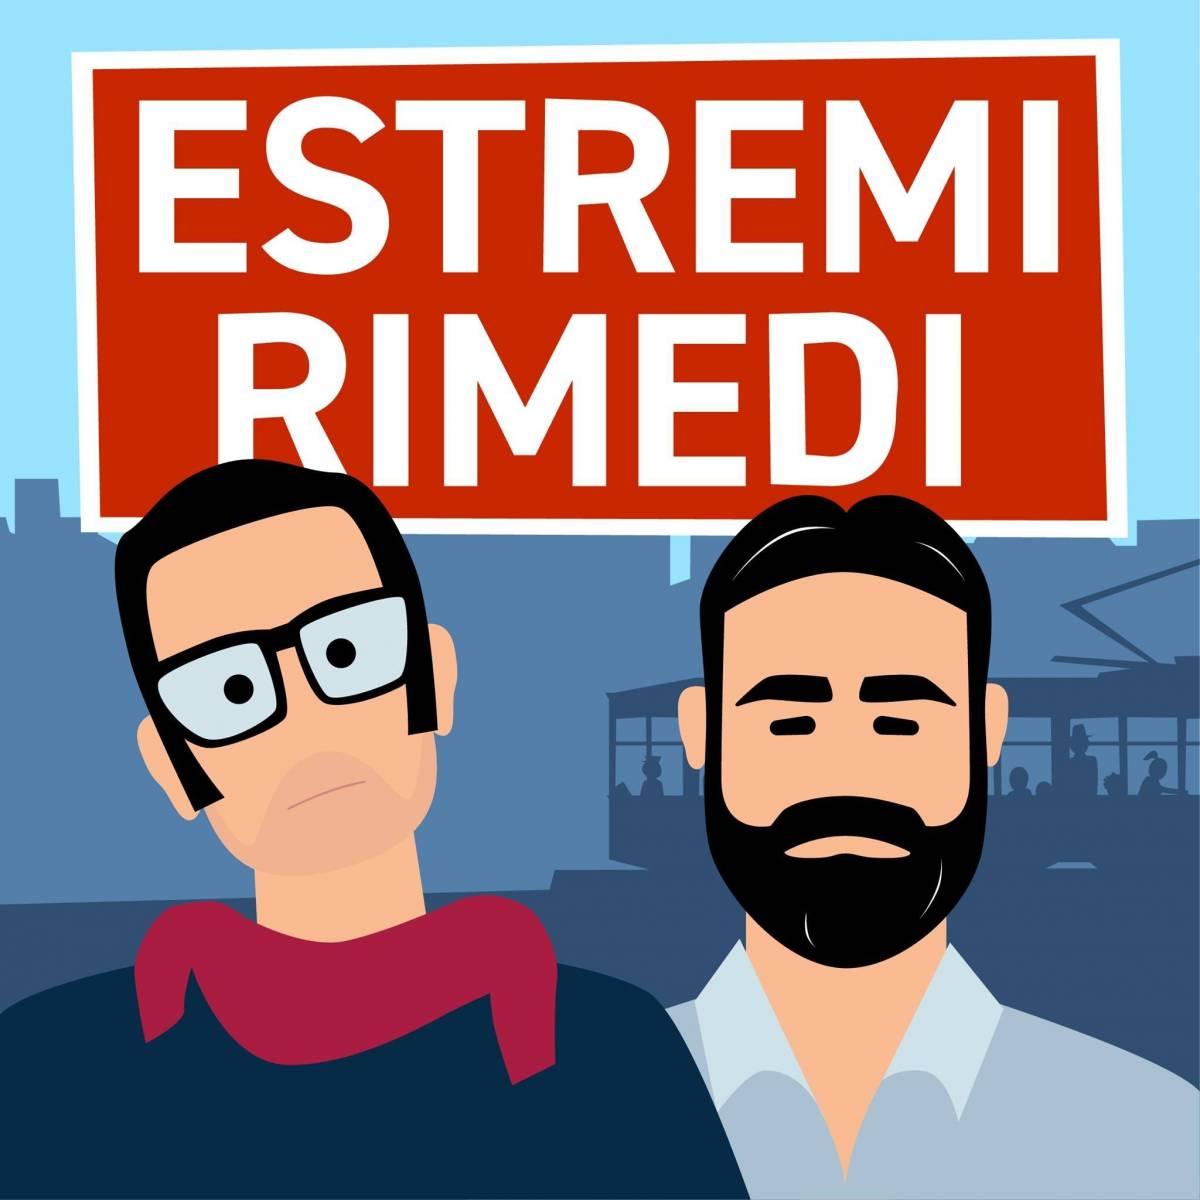 """""""Estremi rimedi"""", la web serie satirica sui trentenni precari"""